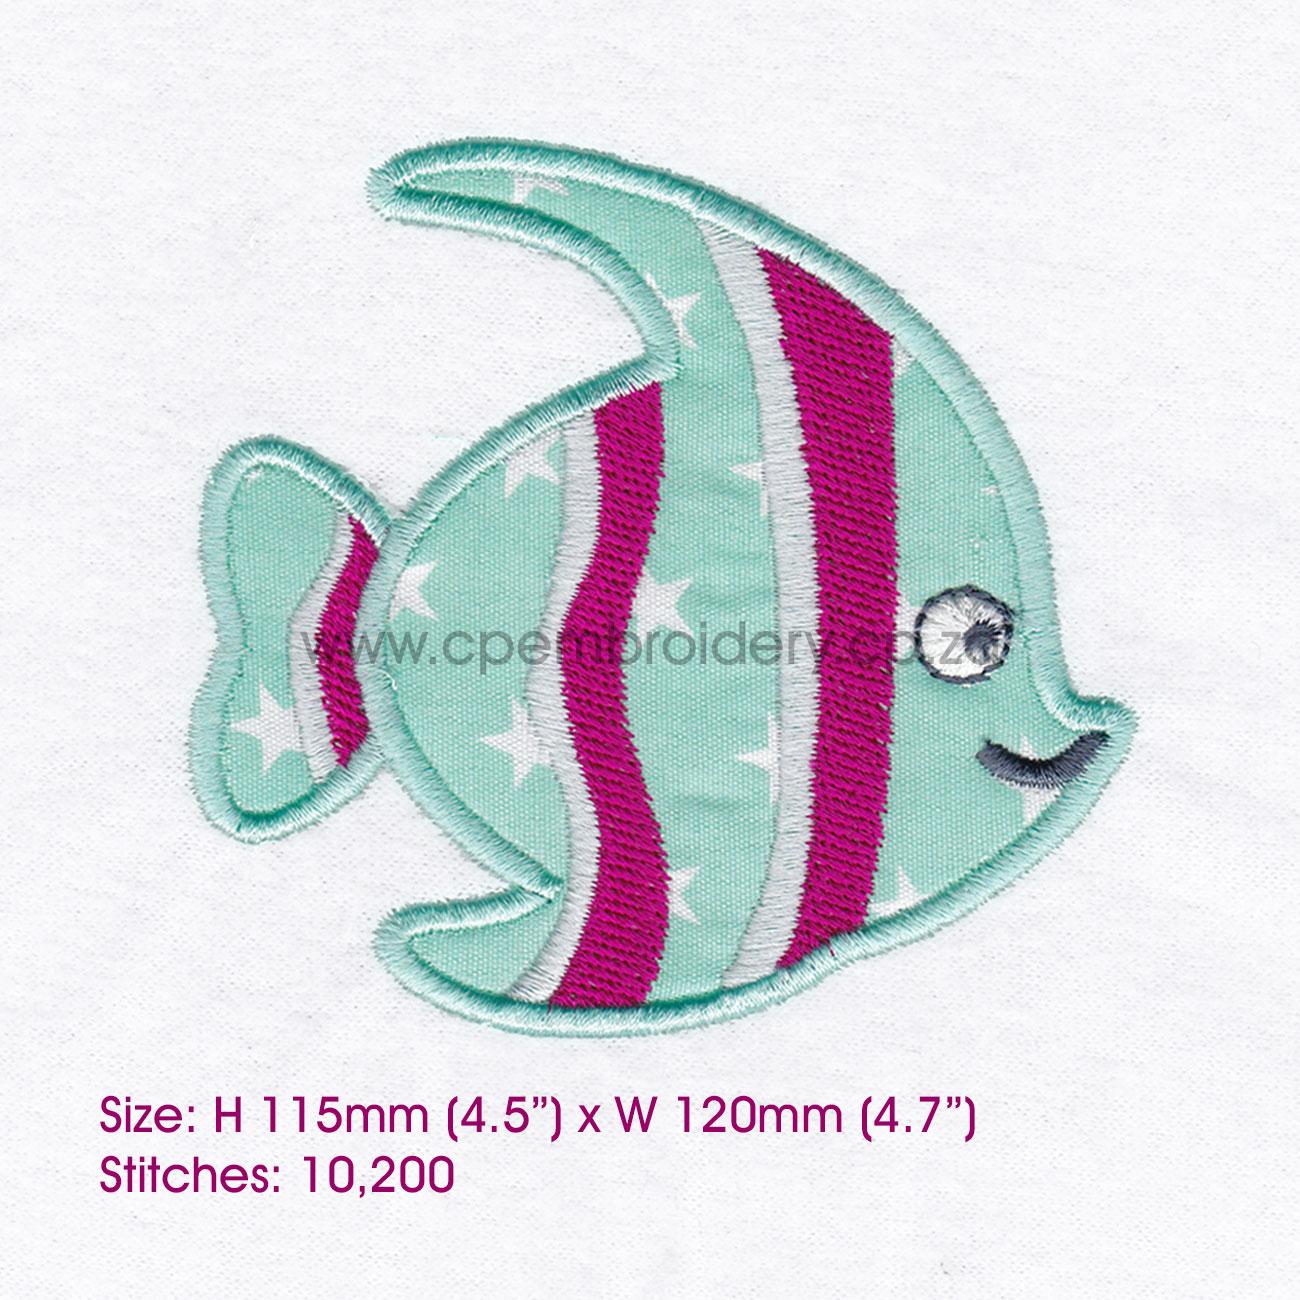 Striped Moorish Idol Pet Fish Applique Design example image 6